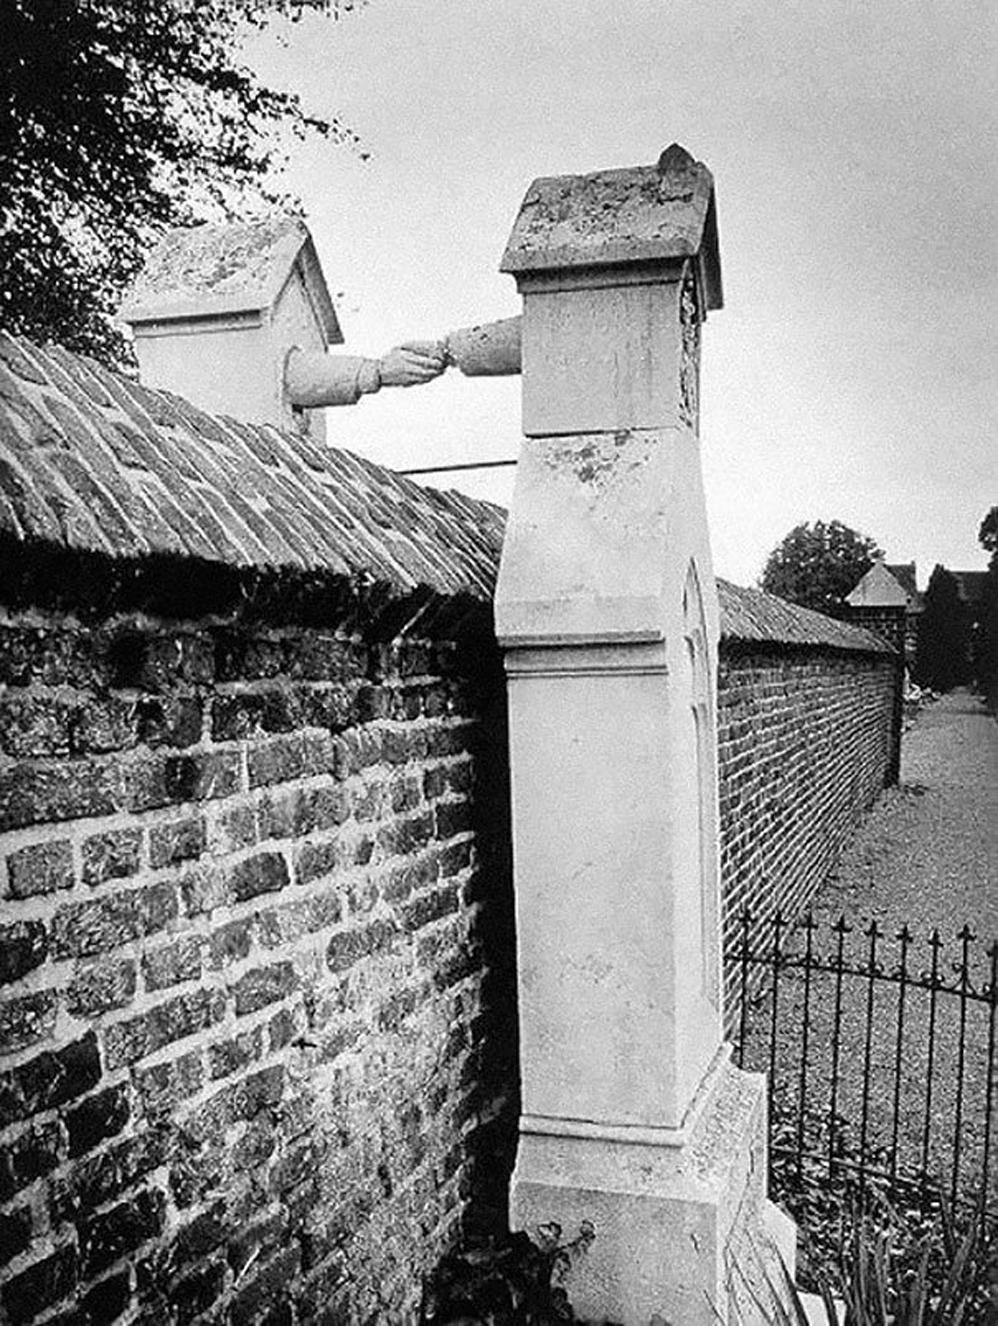 Las tumbas de una mujer católica y su marido protestante separadas por una pared, Holanda, 1888